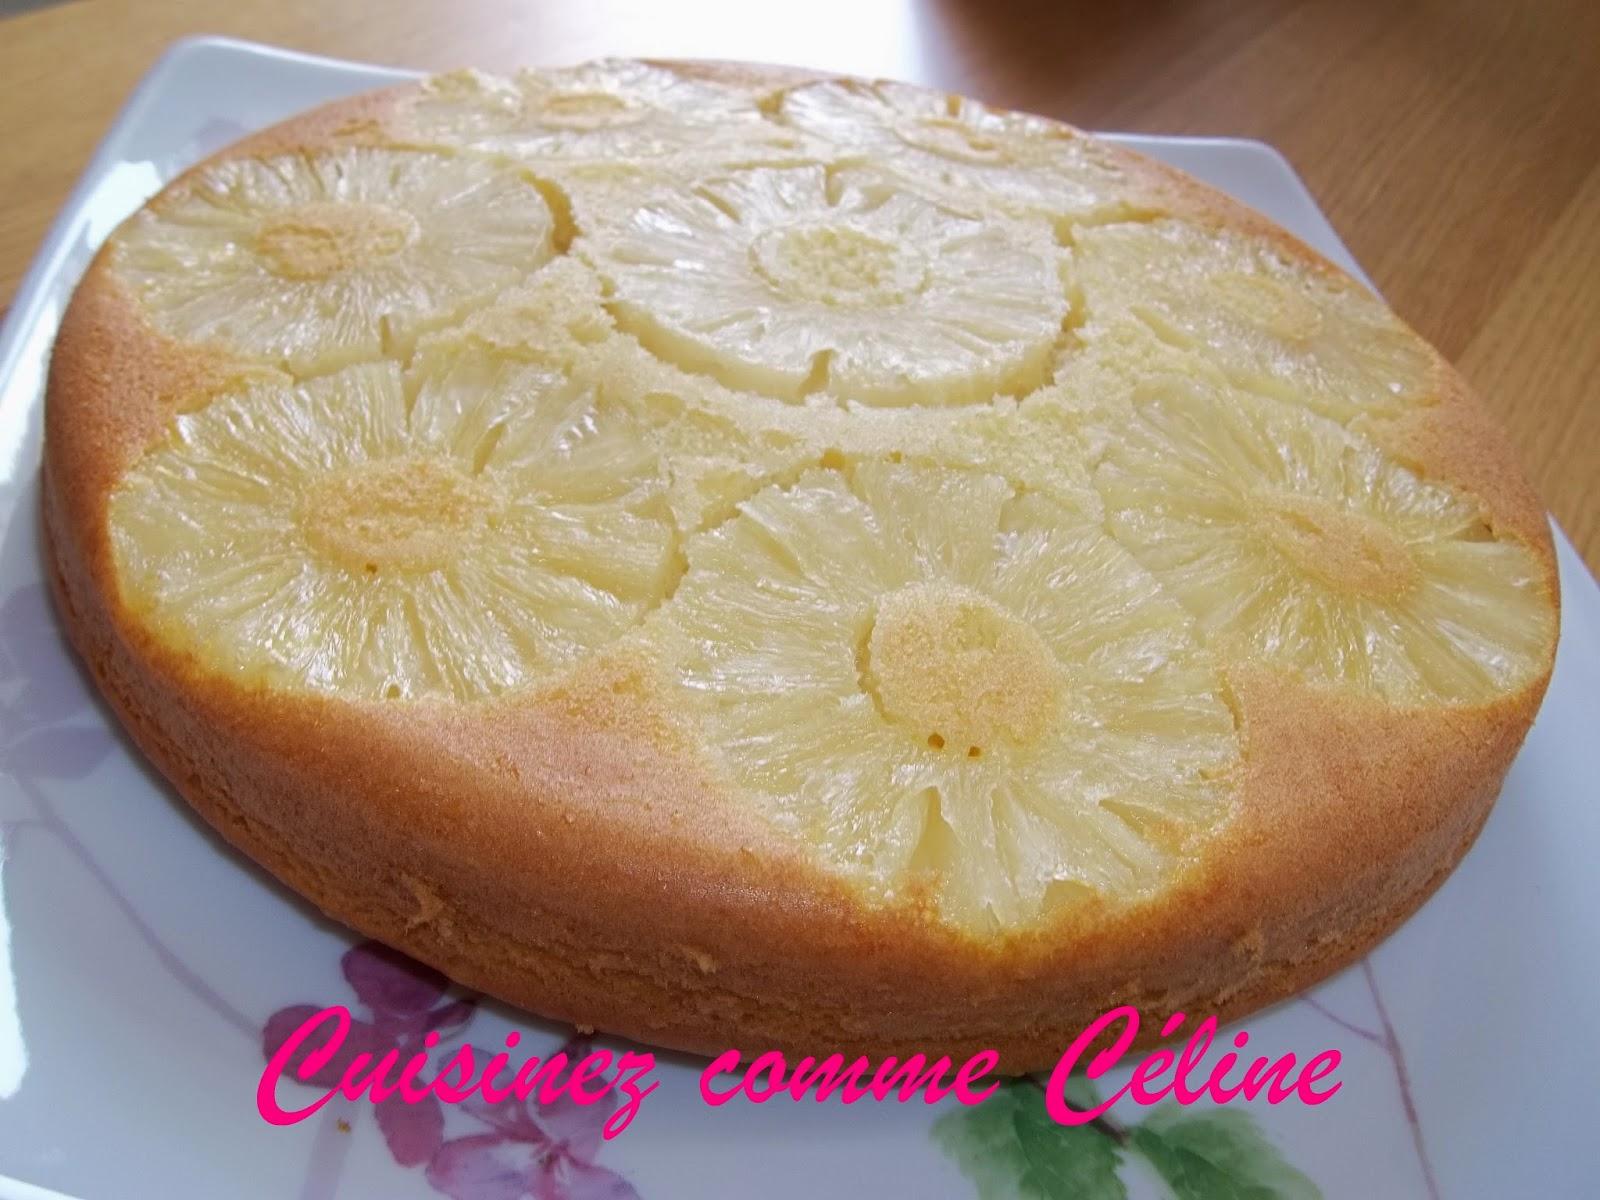 http://cuisinezcommeceline.blogspot.fr/2015/04/salut-salut-je-ne-suis-pas-tres.html